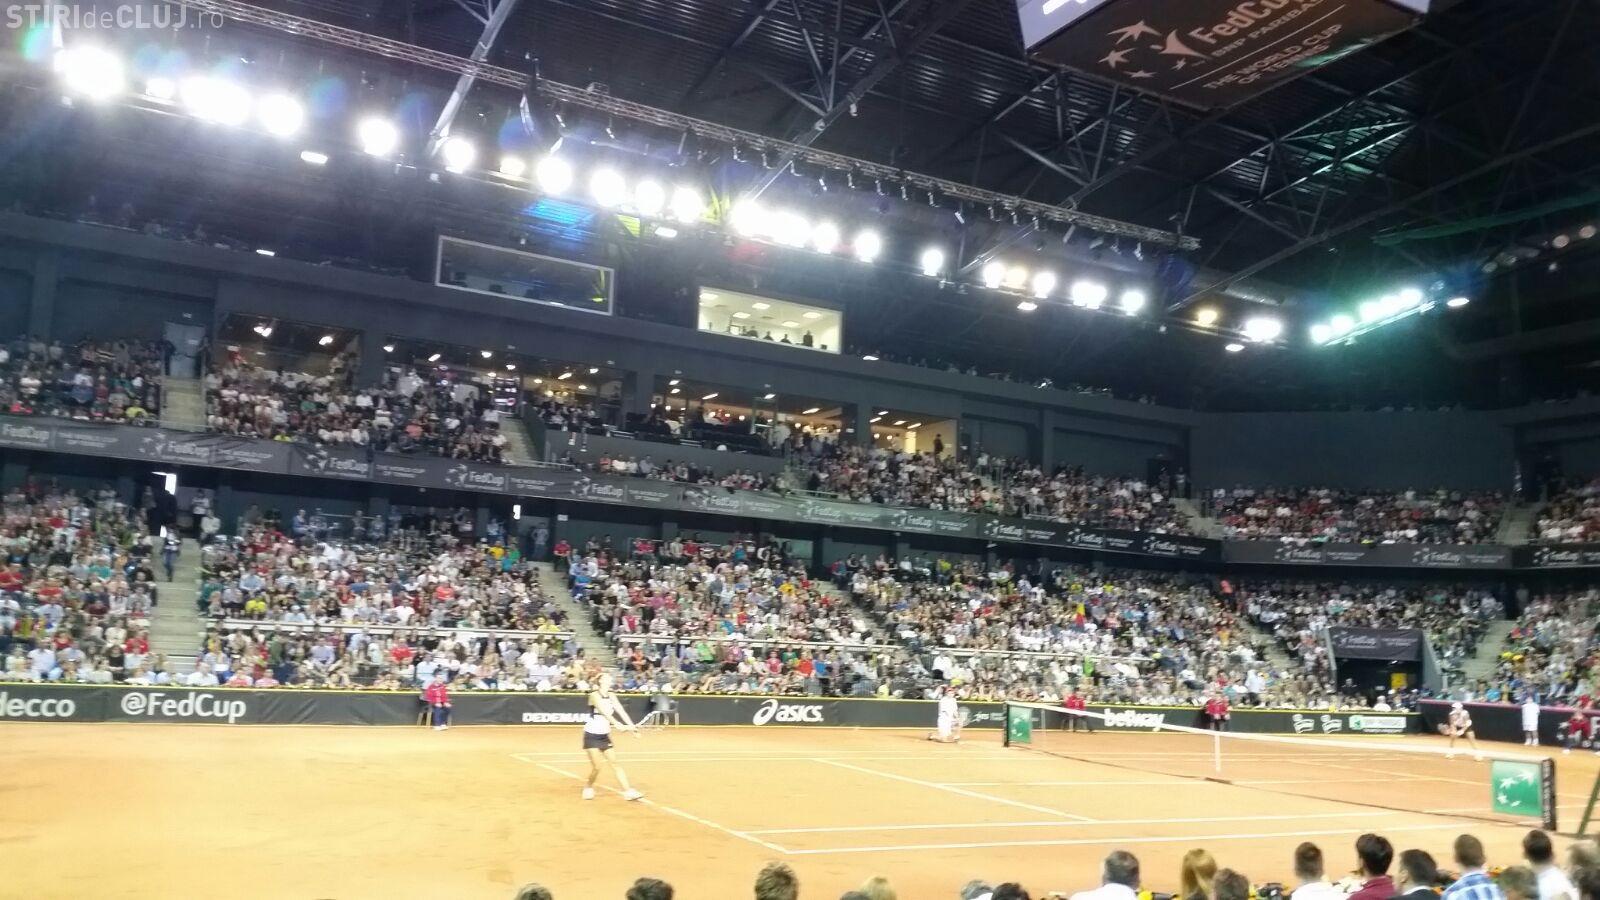 România a pierdut primul meci cu Germania, în duelul de tenis! Angelique Kerber a învins-o pe Begu - VIDEO